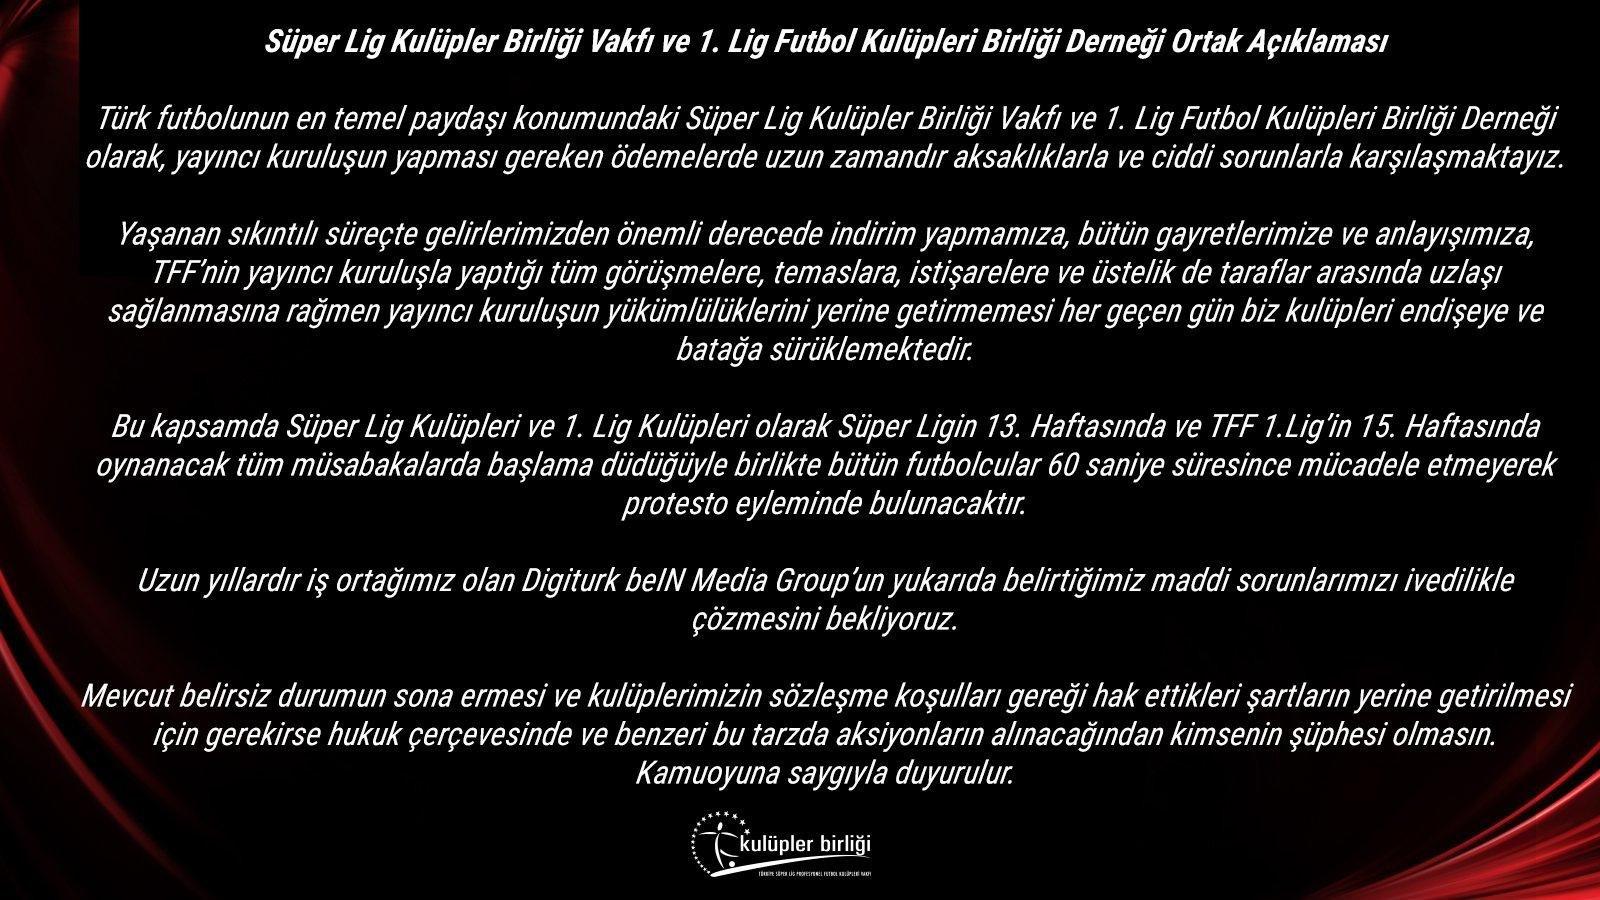 <h2>KULÜPLER BİRLİĞİ'NDEN AÇIKLAMA</h2>